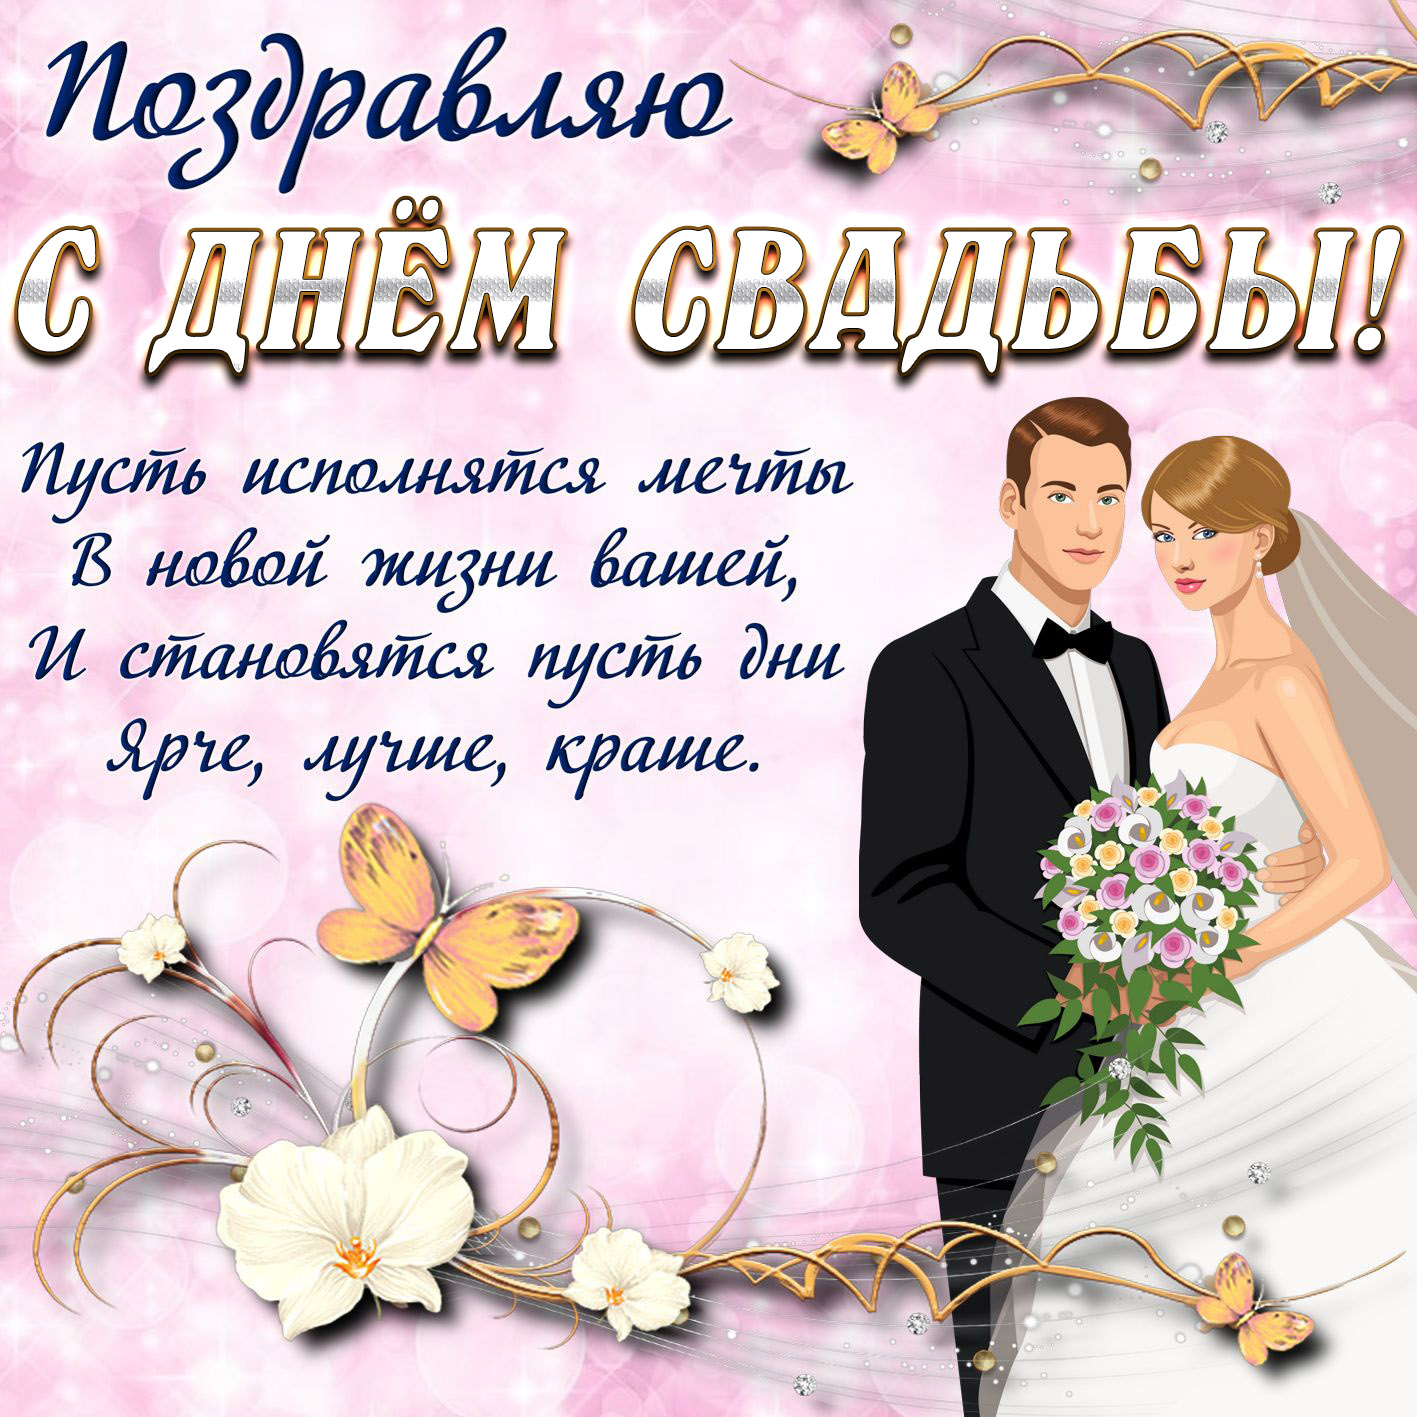 интересное современное поздравление со свадьбой нет